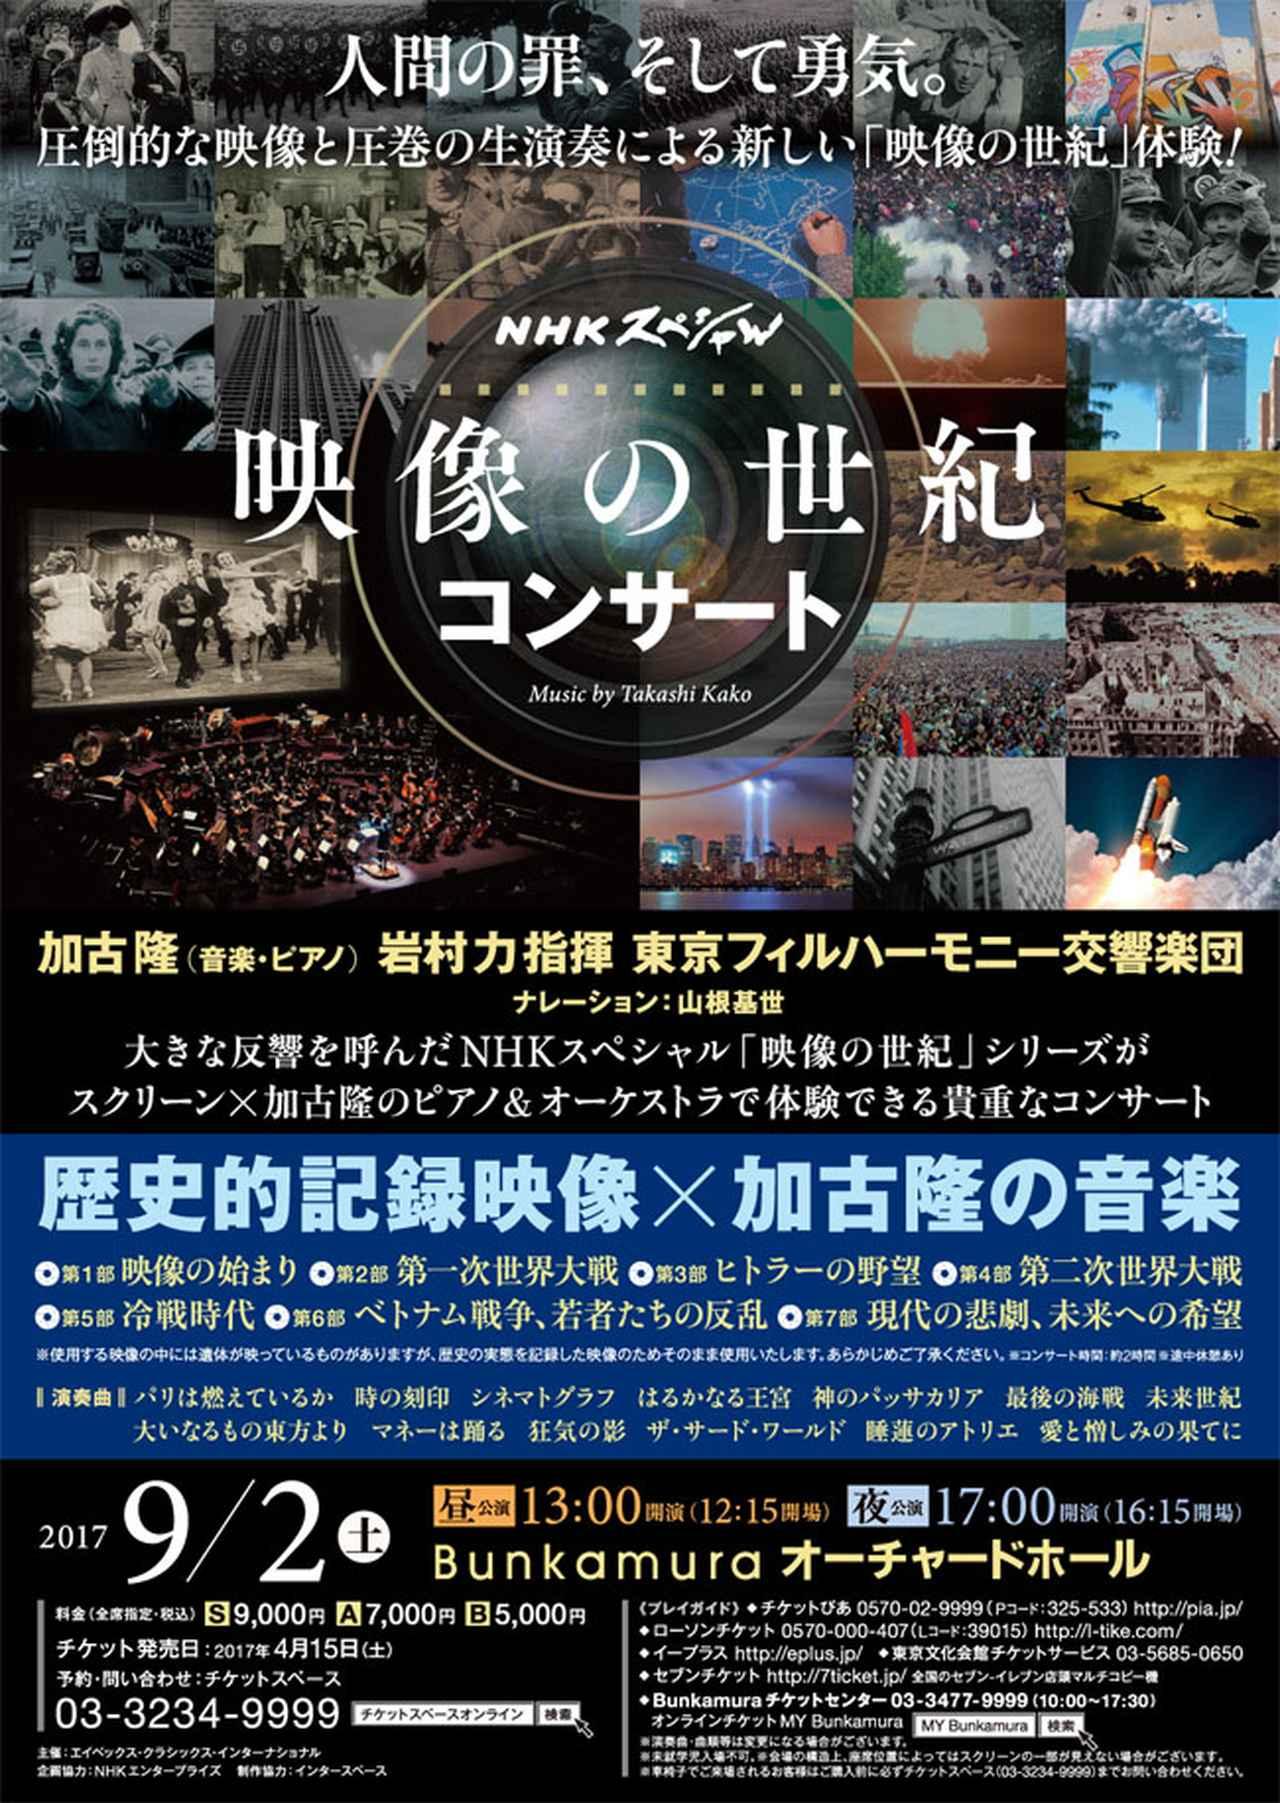 画像2: www.ints.co.jp